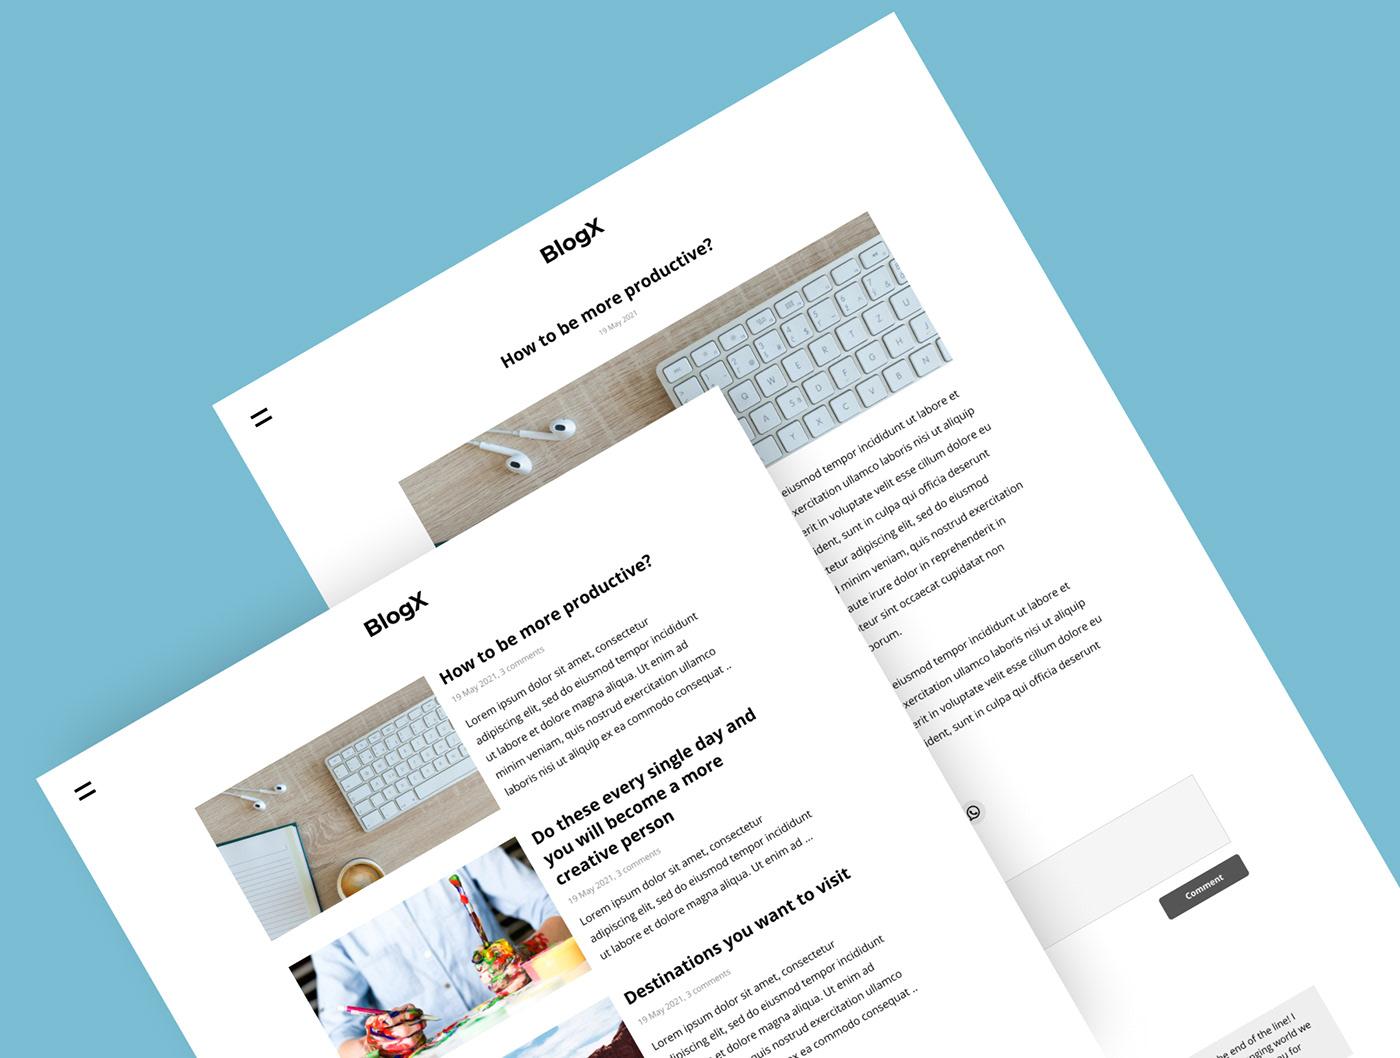 Blog design minimalist UI Web